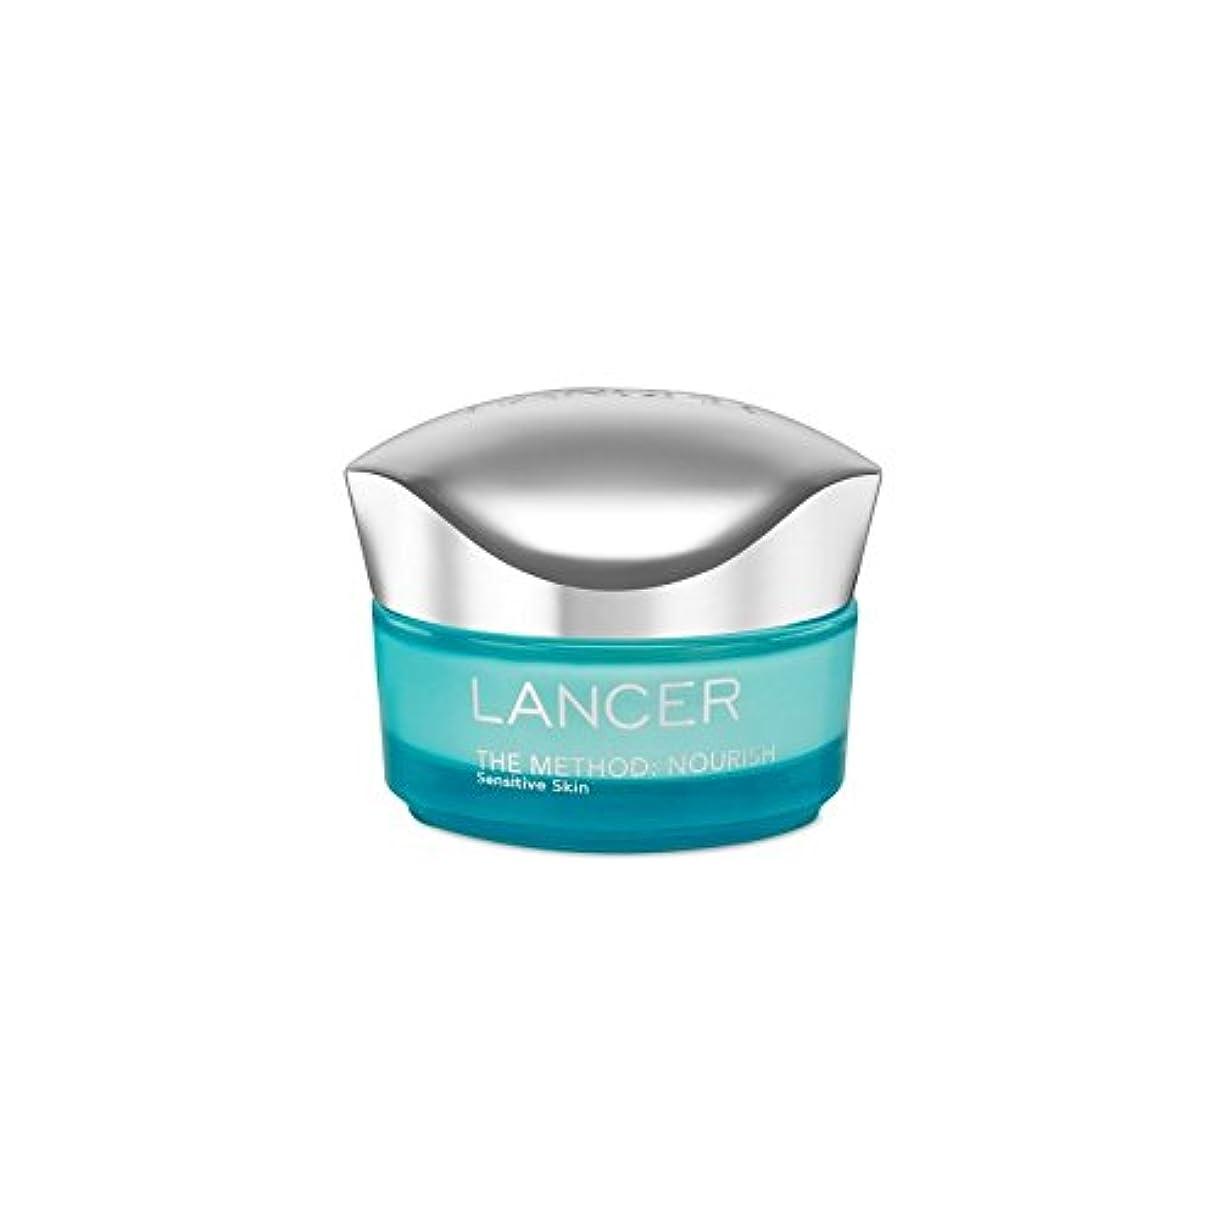 連続した勇気のある特にランサーは、この方法をスキンケア:保湿敏感肌(50)に栄養を与えます x2 - Lancer Skincare The Method: Nourish Moisturiser Sensitive Skin (50ml)...